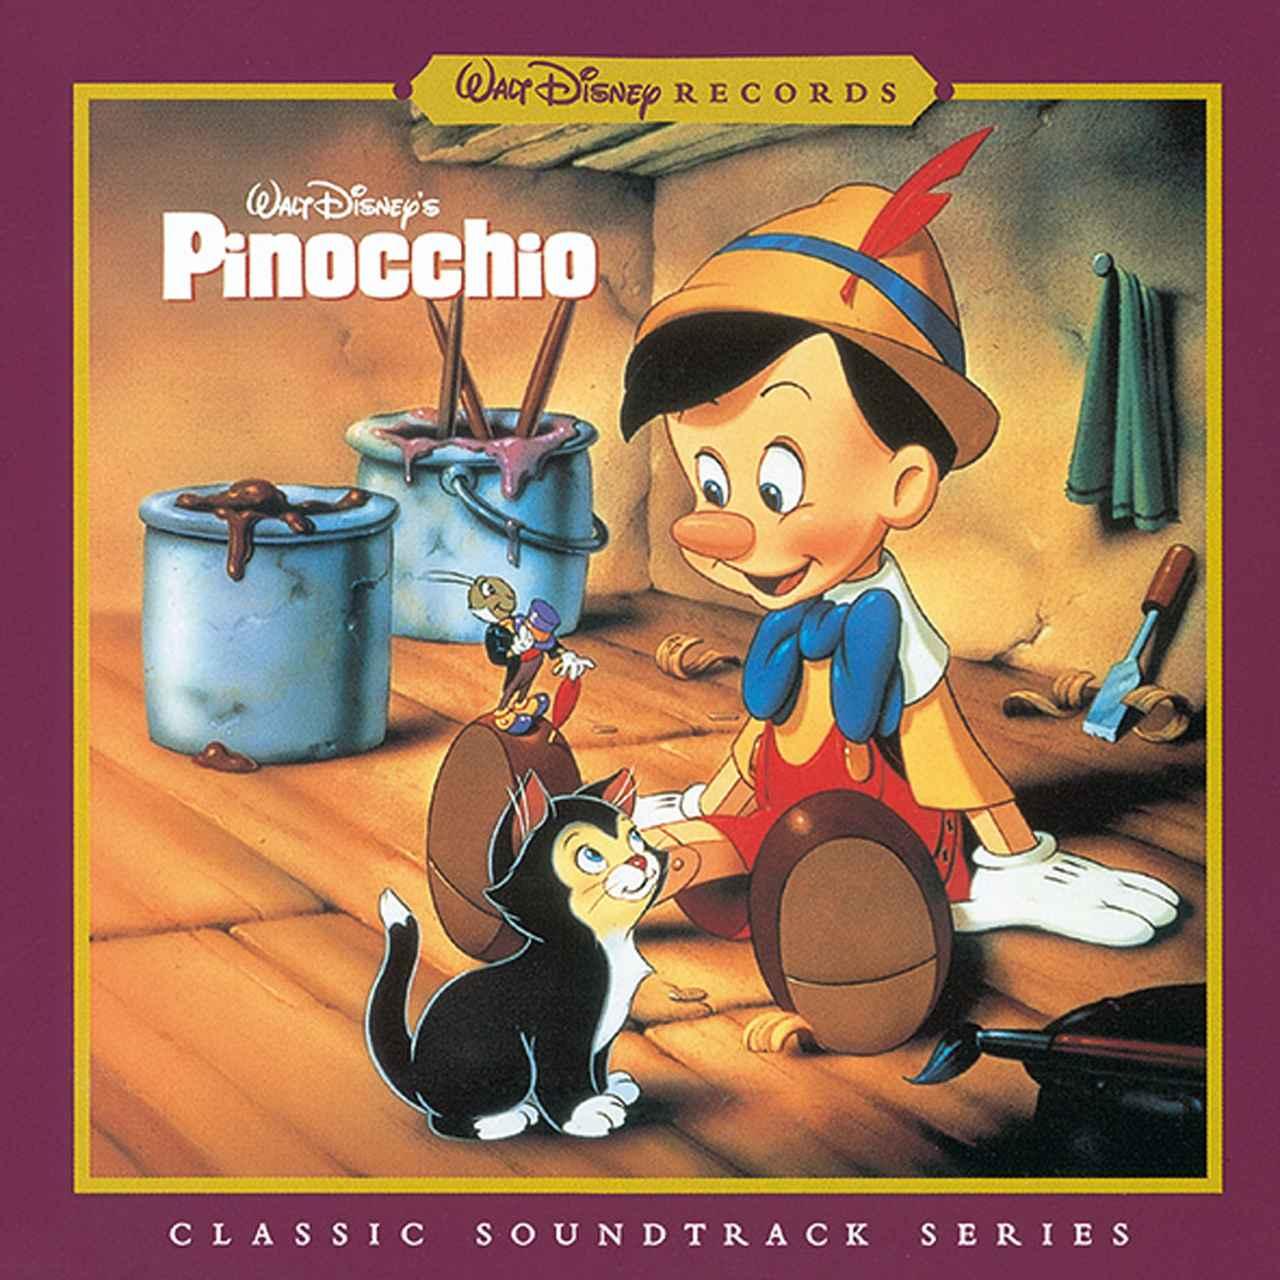 画像: ピノキオ オリジナル・サウンドトラック デジタル・リマスター盤(UWCD-8002)